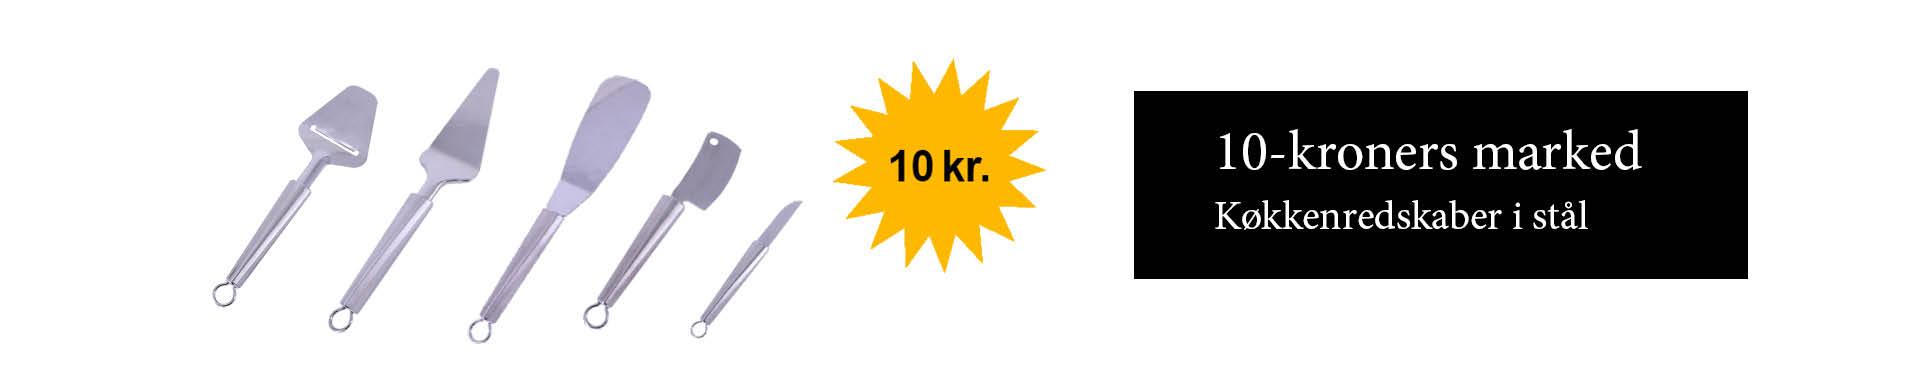 /f/o/forside_banner_10kr.jpg